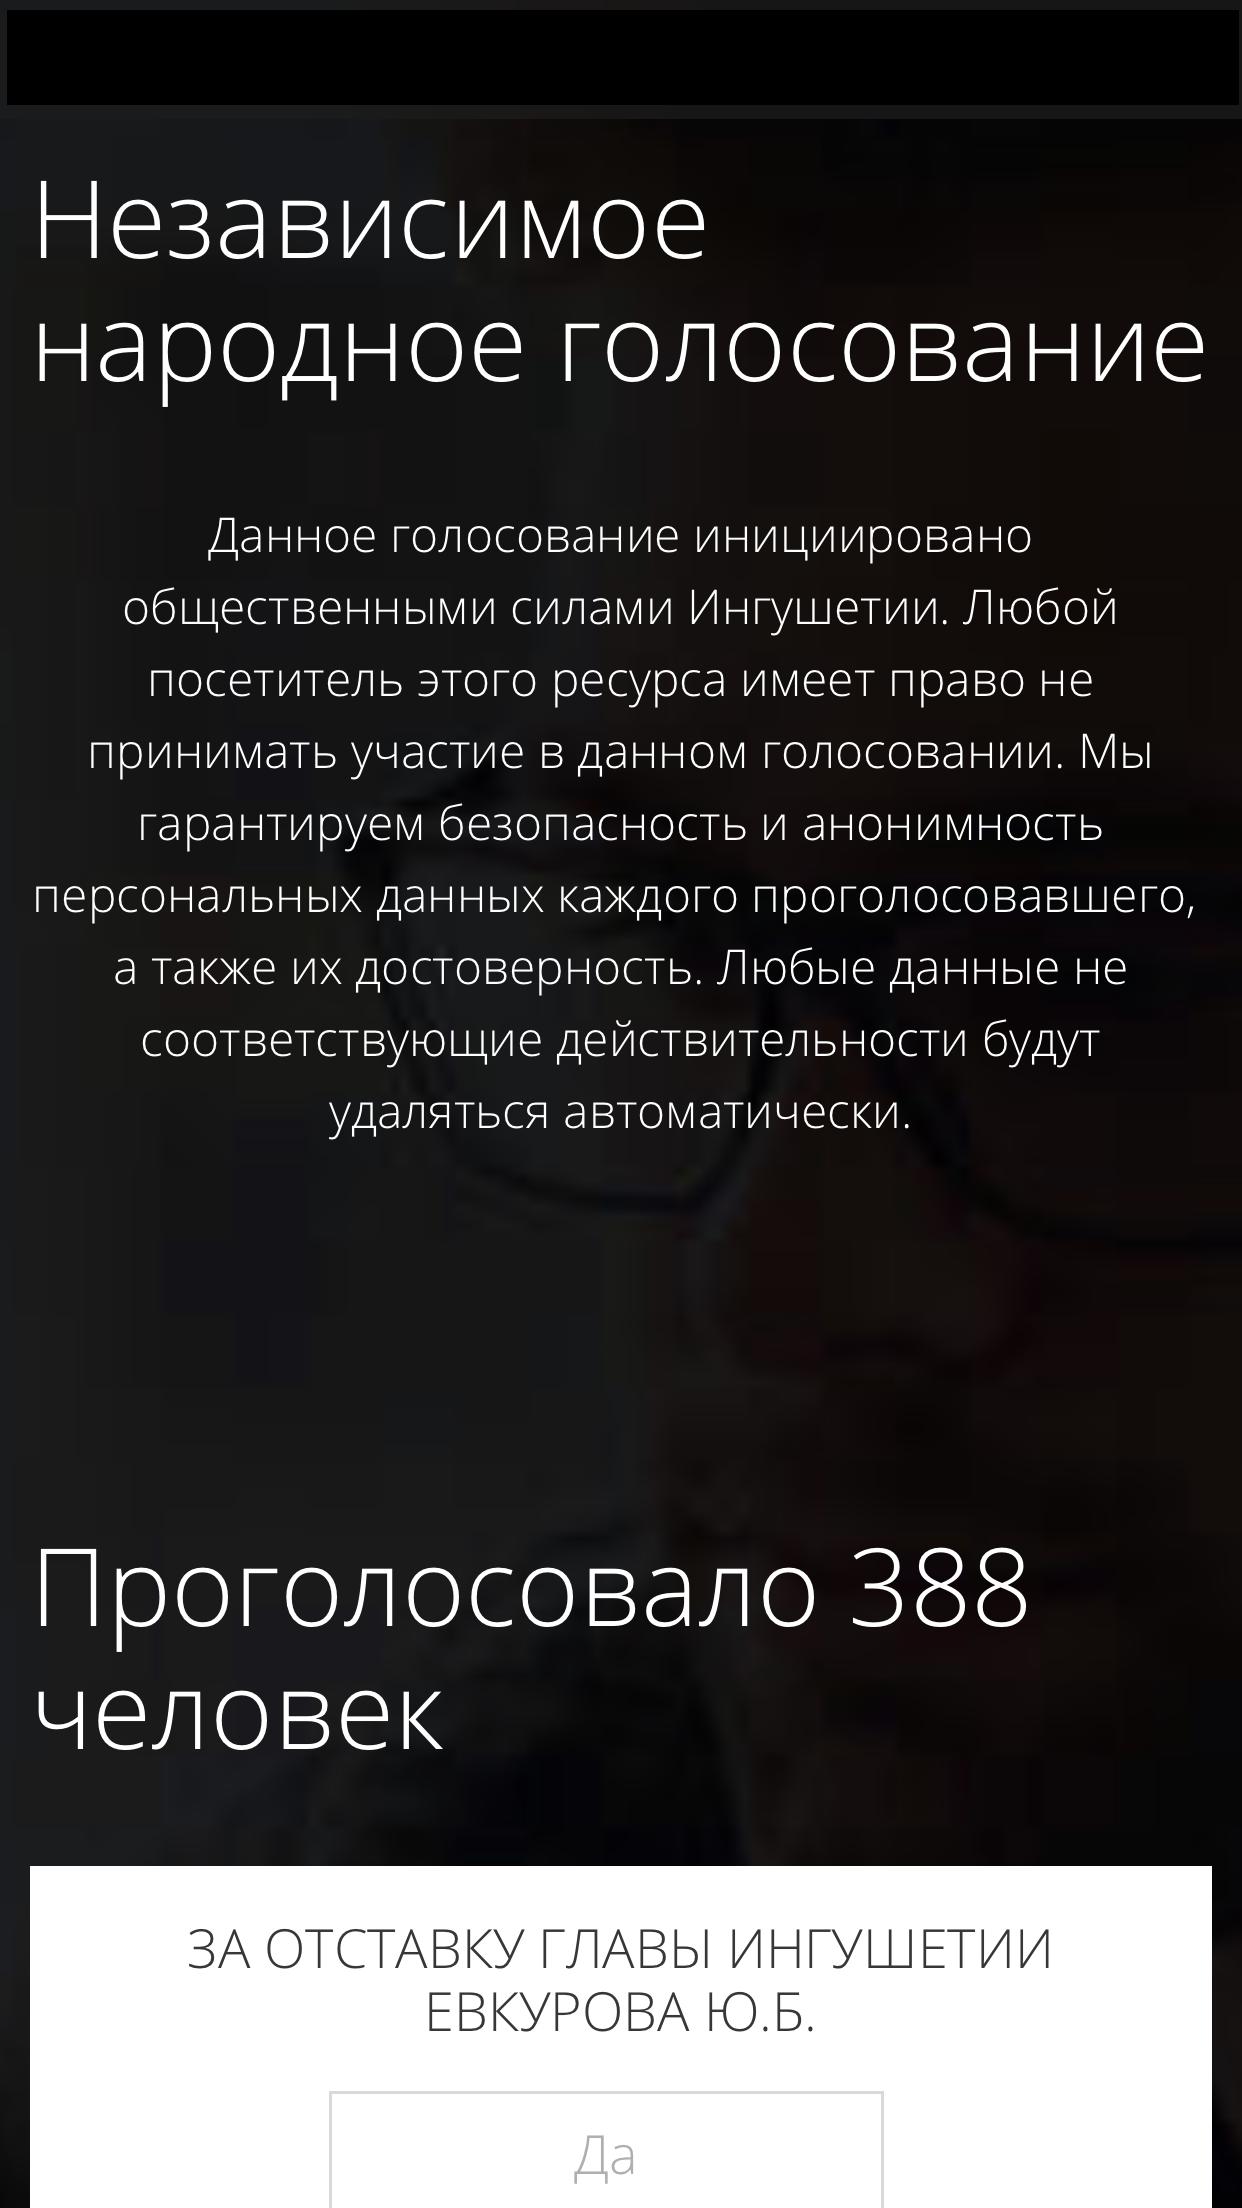 Заблаговременно созданный сайт за отставку Евкурова Ю.Б.